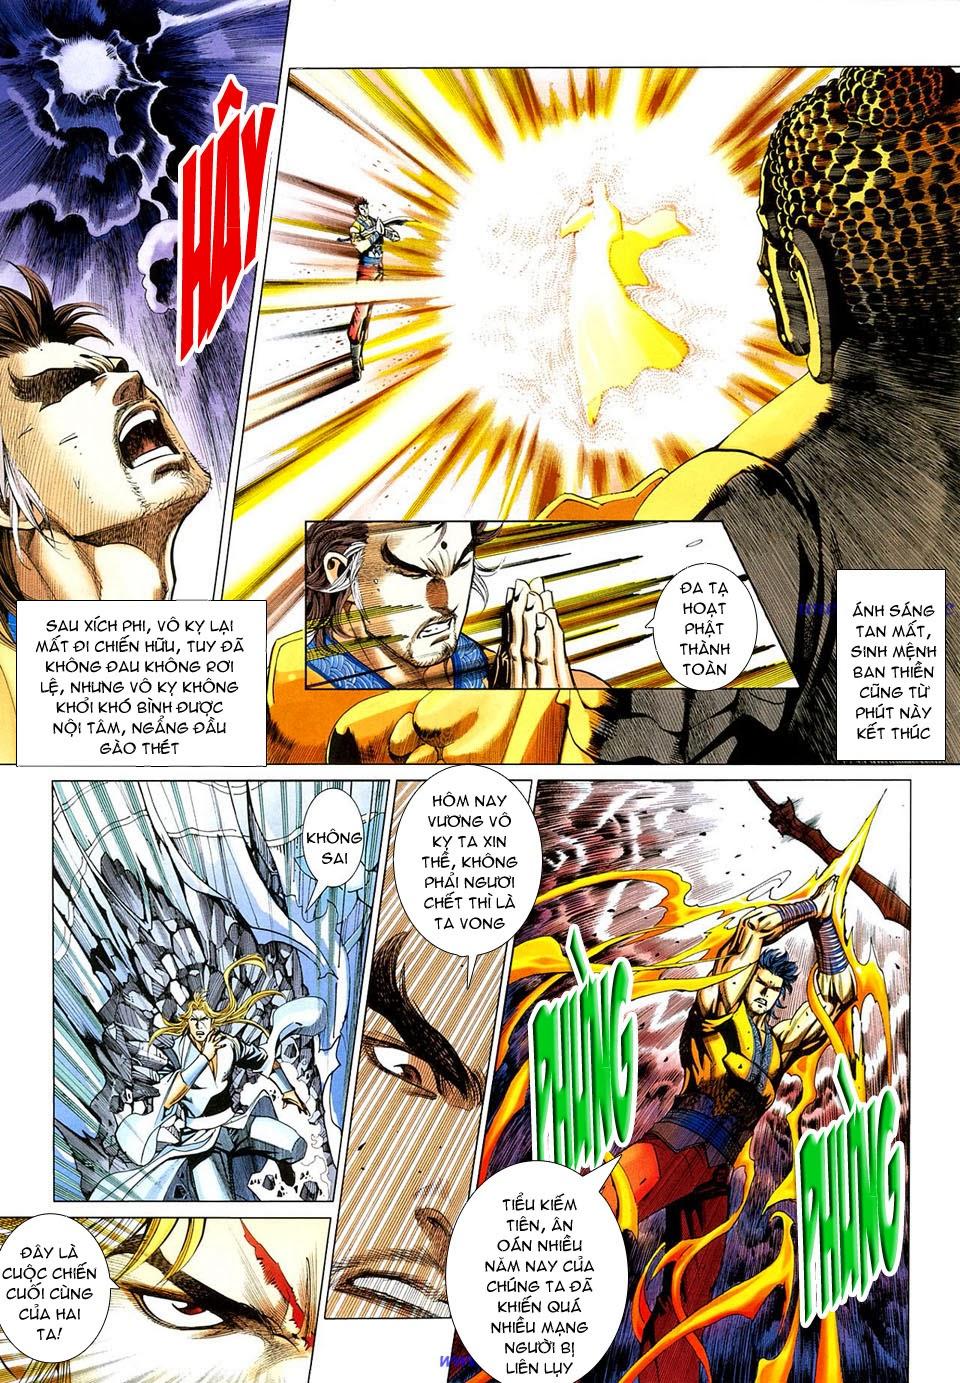 Thiên Hạ Vô Địch Tiểu Kiếm Tiên chap 31 - Trang 22